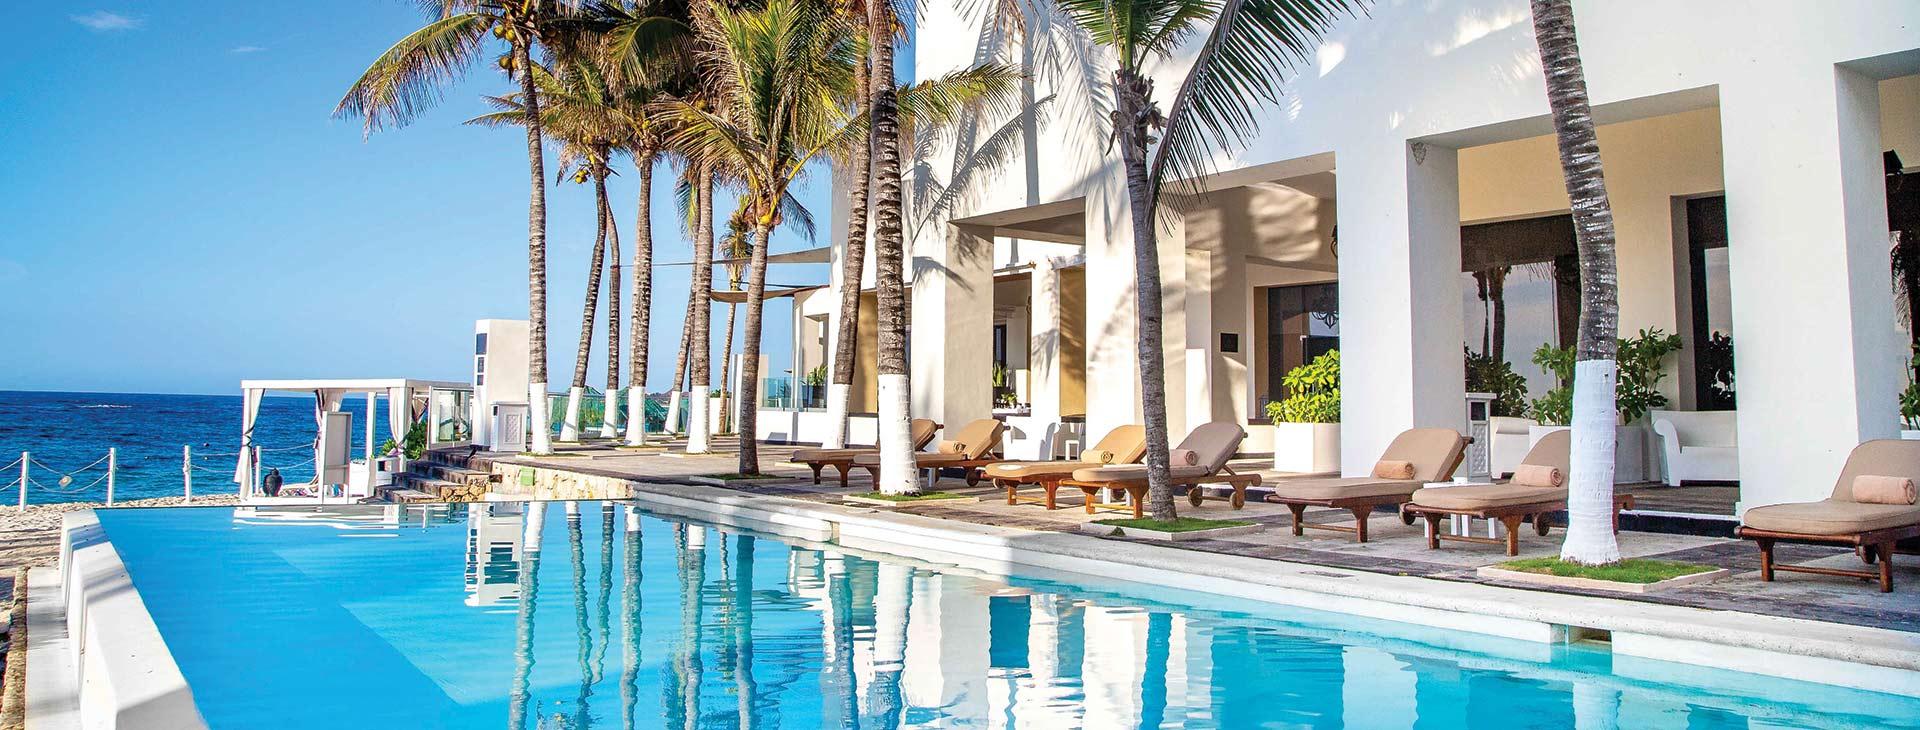 dva z nás datování služby palm beach zahrady dobré online datování otázky se zeptat